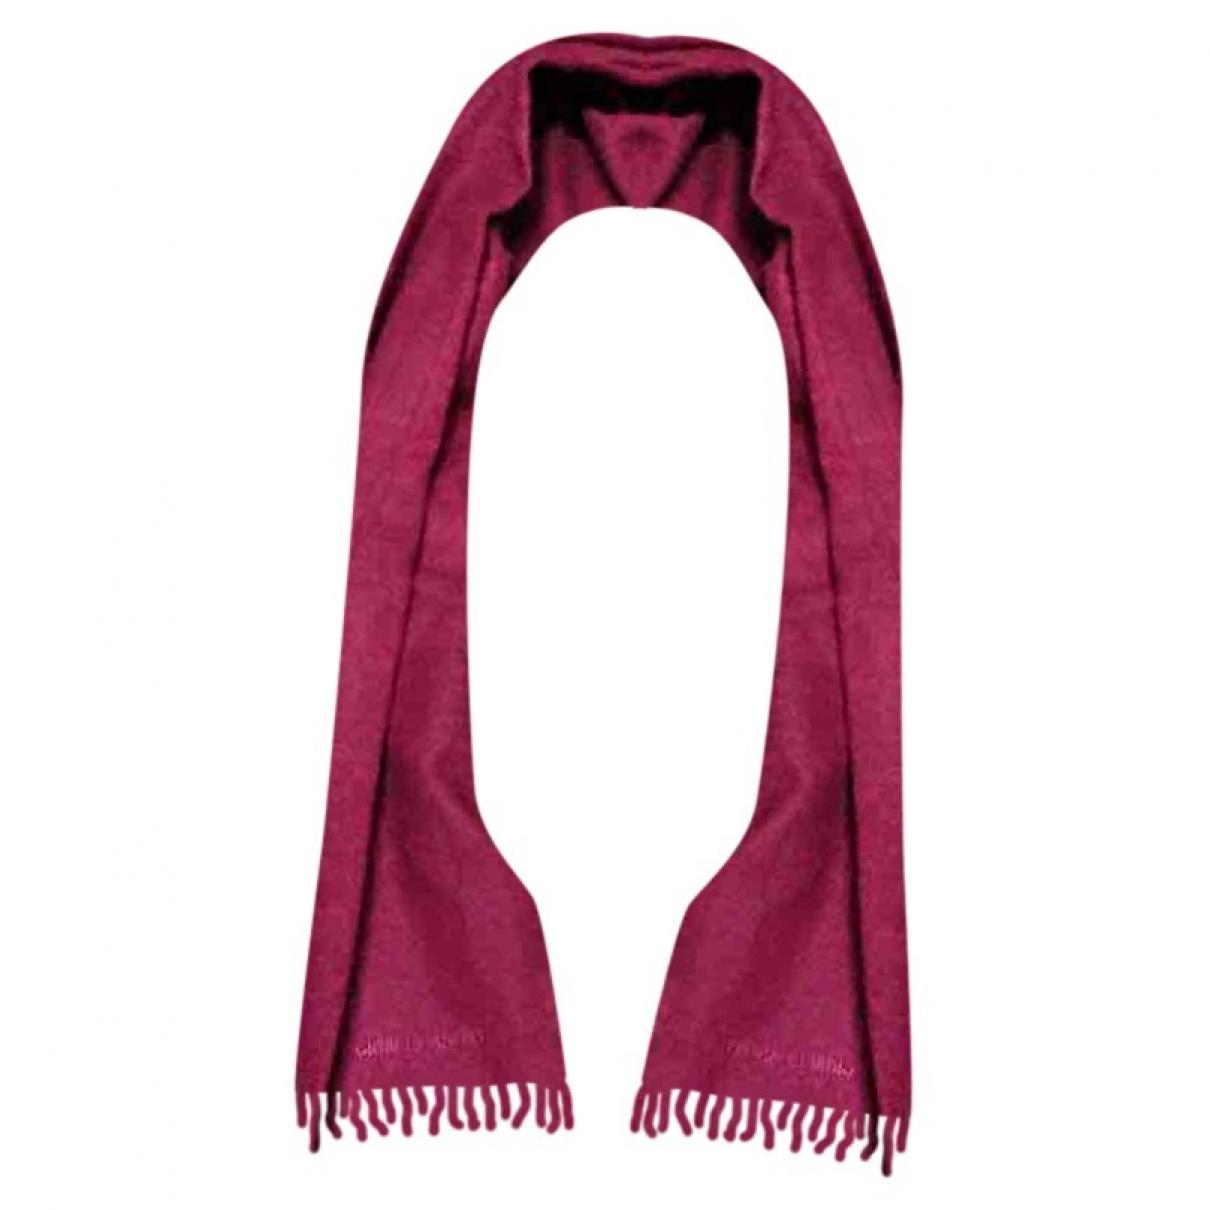 Giorgio Armani - Cheches.Echarpes   pour homme en laine - bordeaux